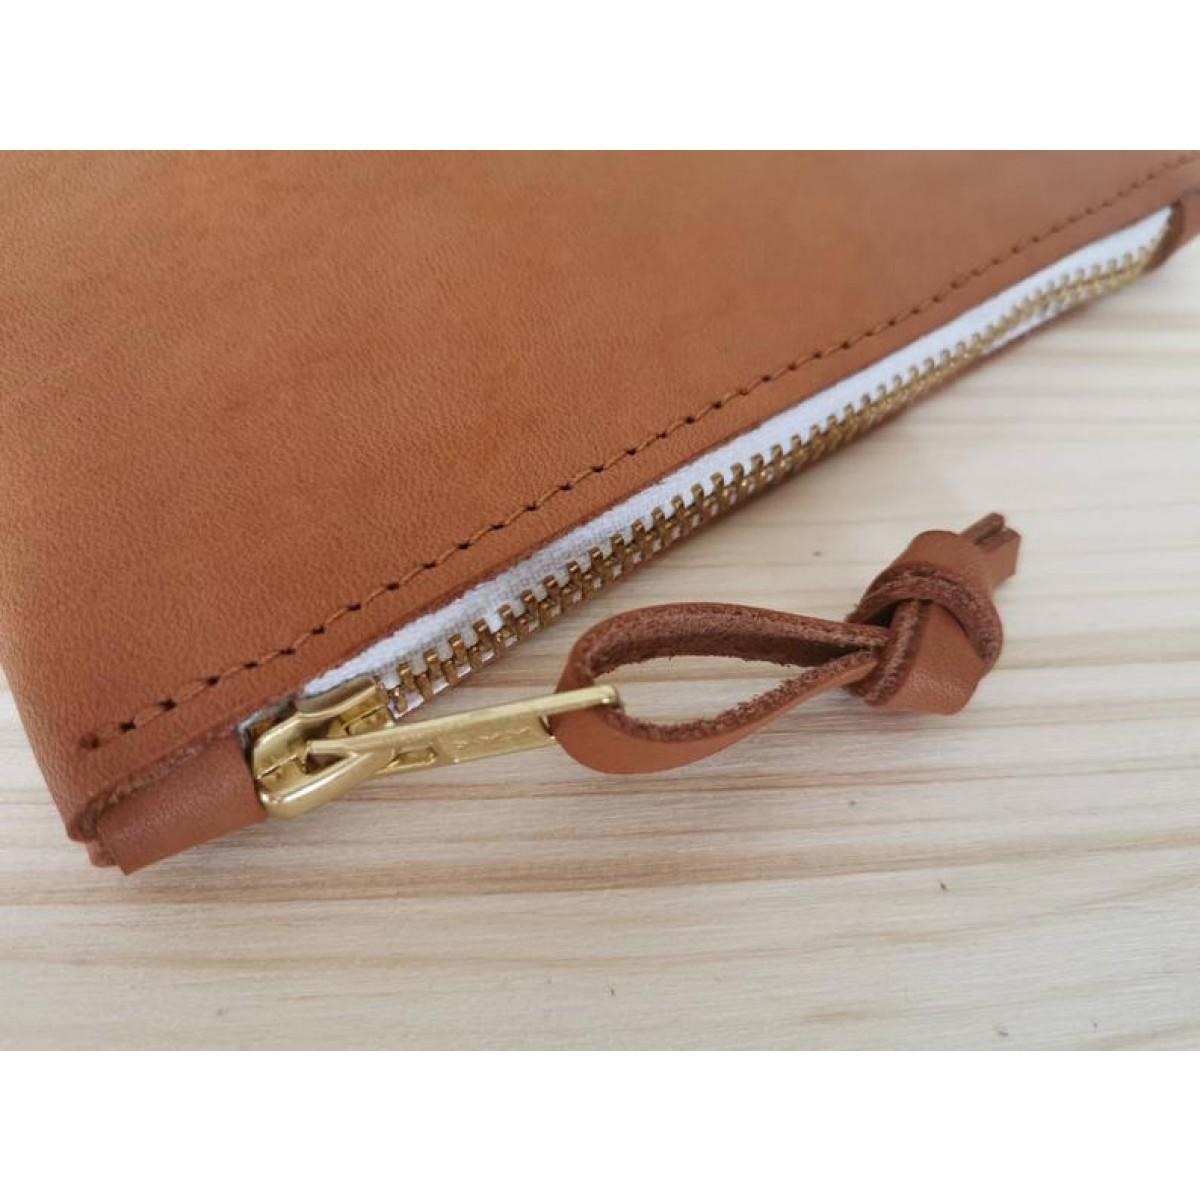 BSaite / Kleines Leder Portemonnaie / kleine Leder Clutch / Minitasche / Mini Geldbörse